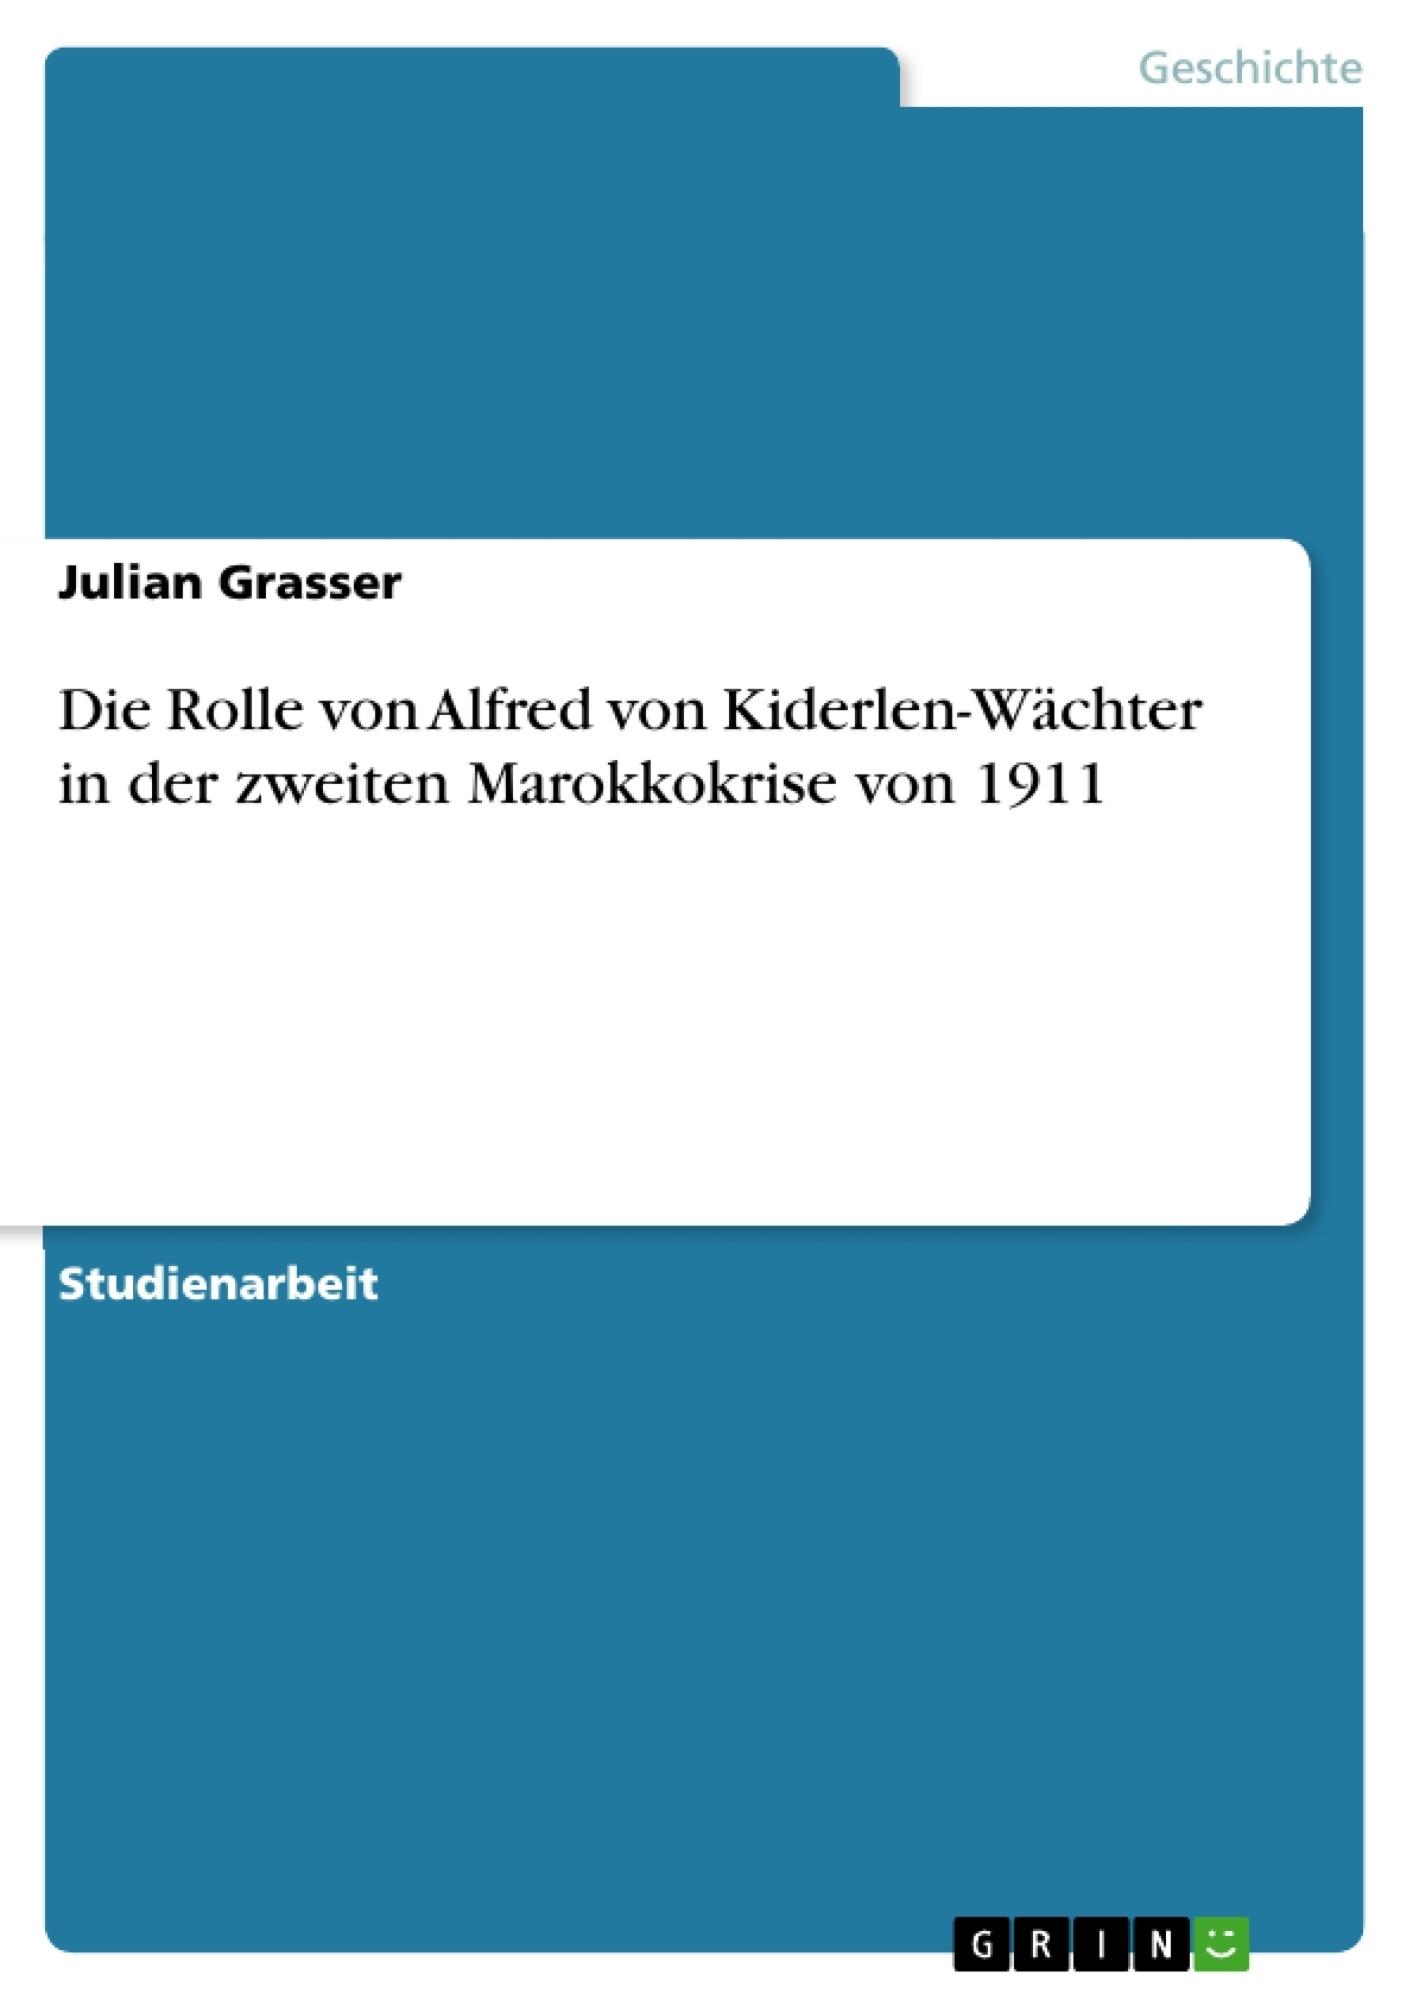 Titel: Die Rolle von Alfred von Kiderlen-Wächter in der zweiten Marokkokrise von 1911